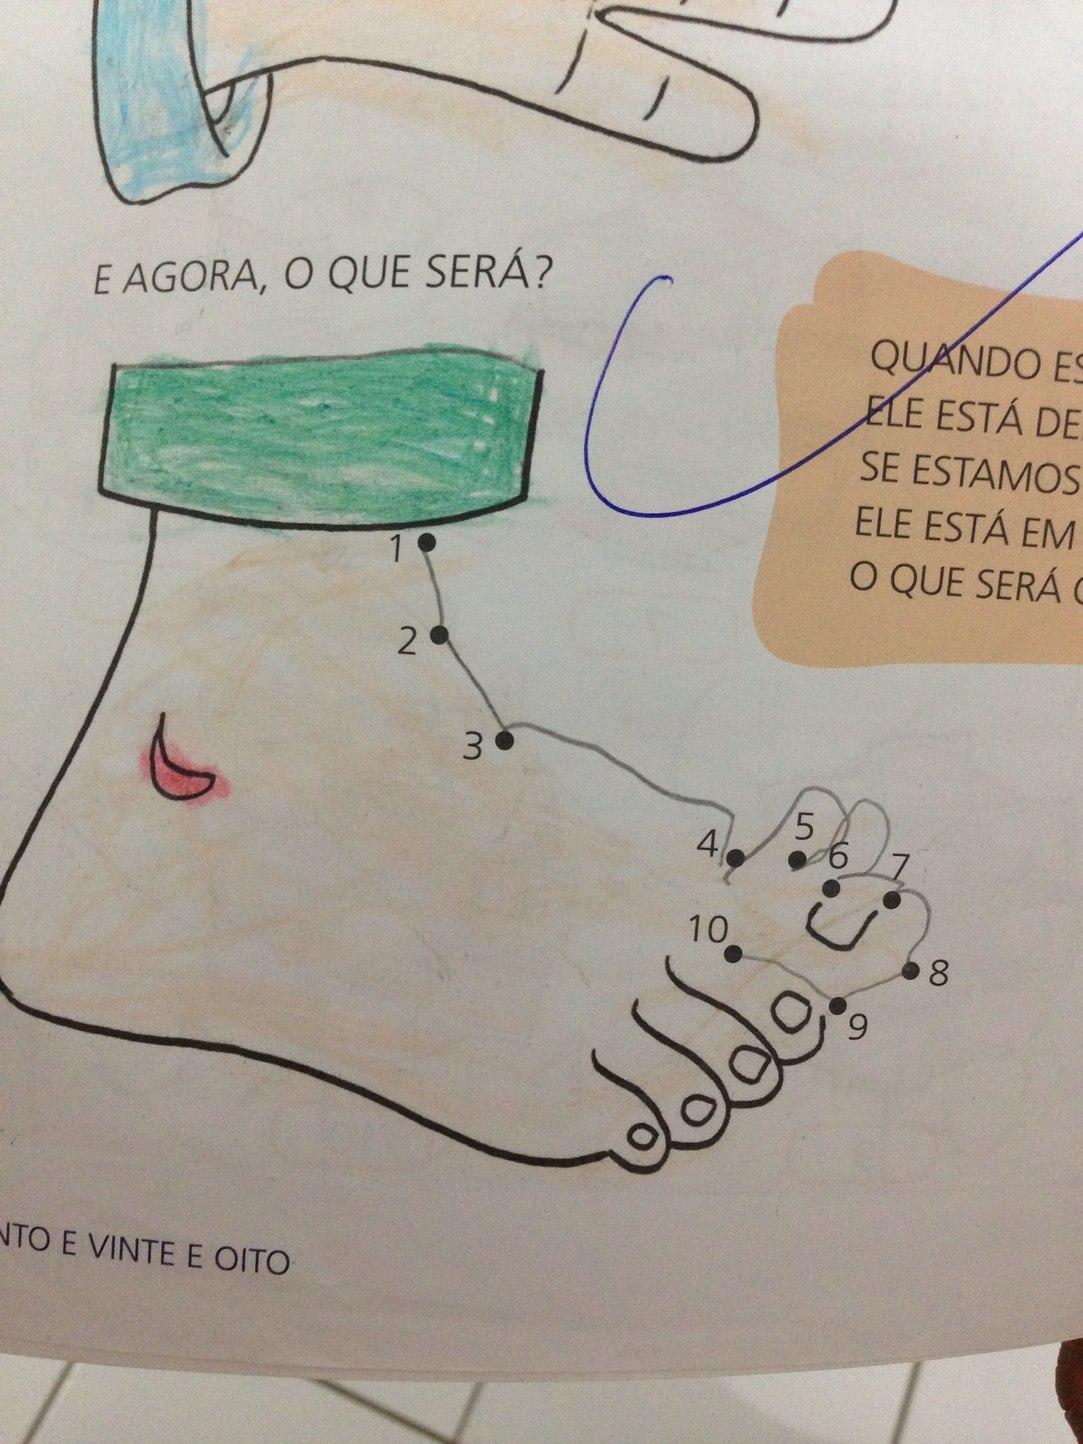 desenhando o pé da vovó - meme